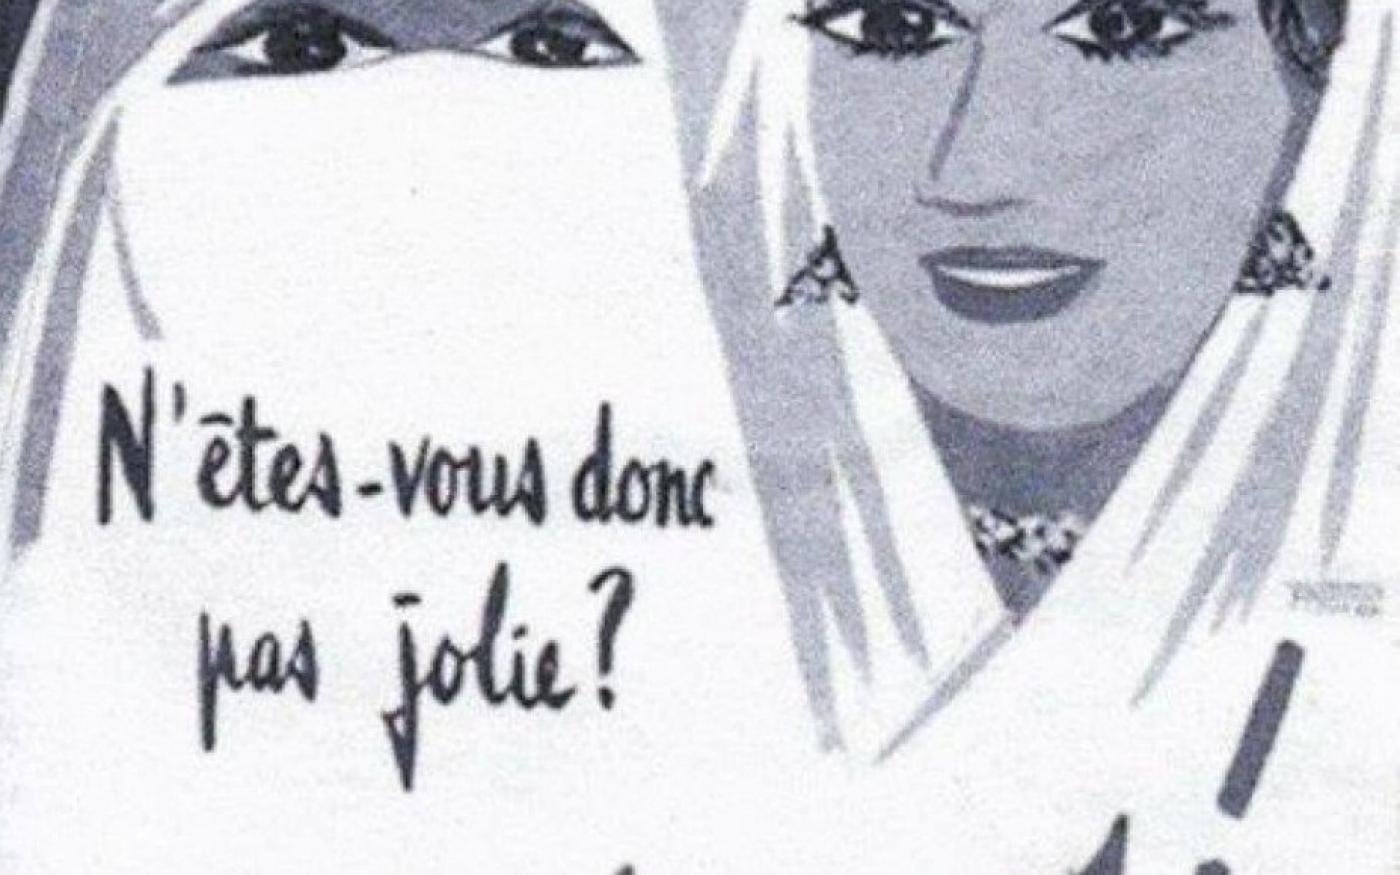 « N'êtes-vous pas jolie ? Dévoilez-vous ! » : affiche coloniale française distribuée au cours de la révolution algérienne (Twitter @musab_ys)